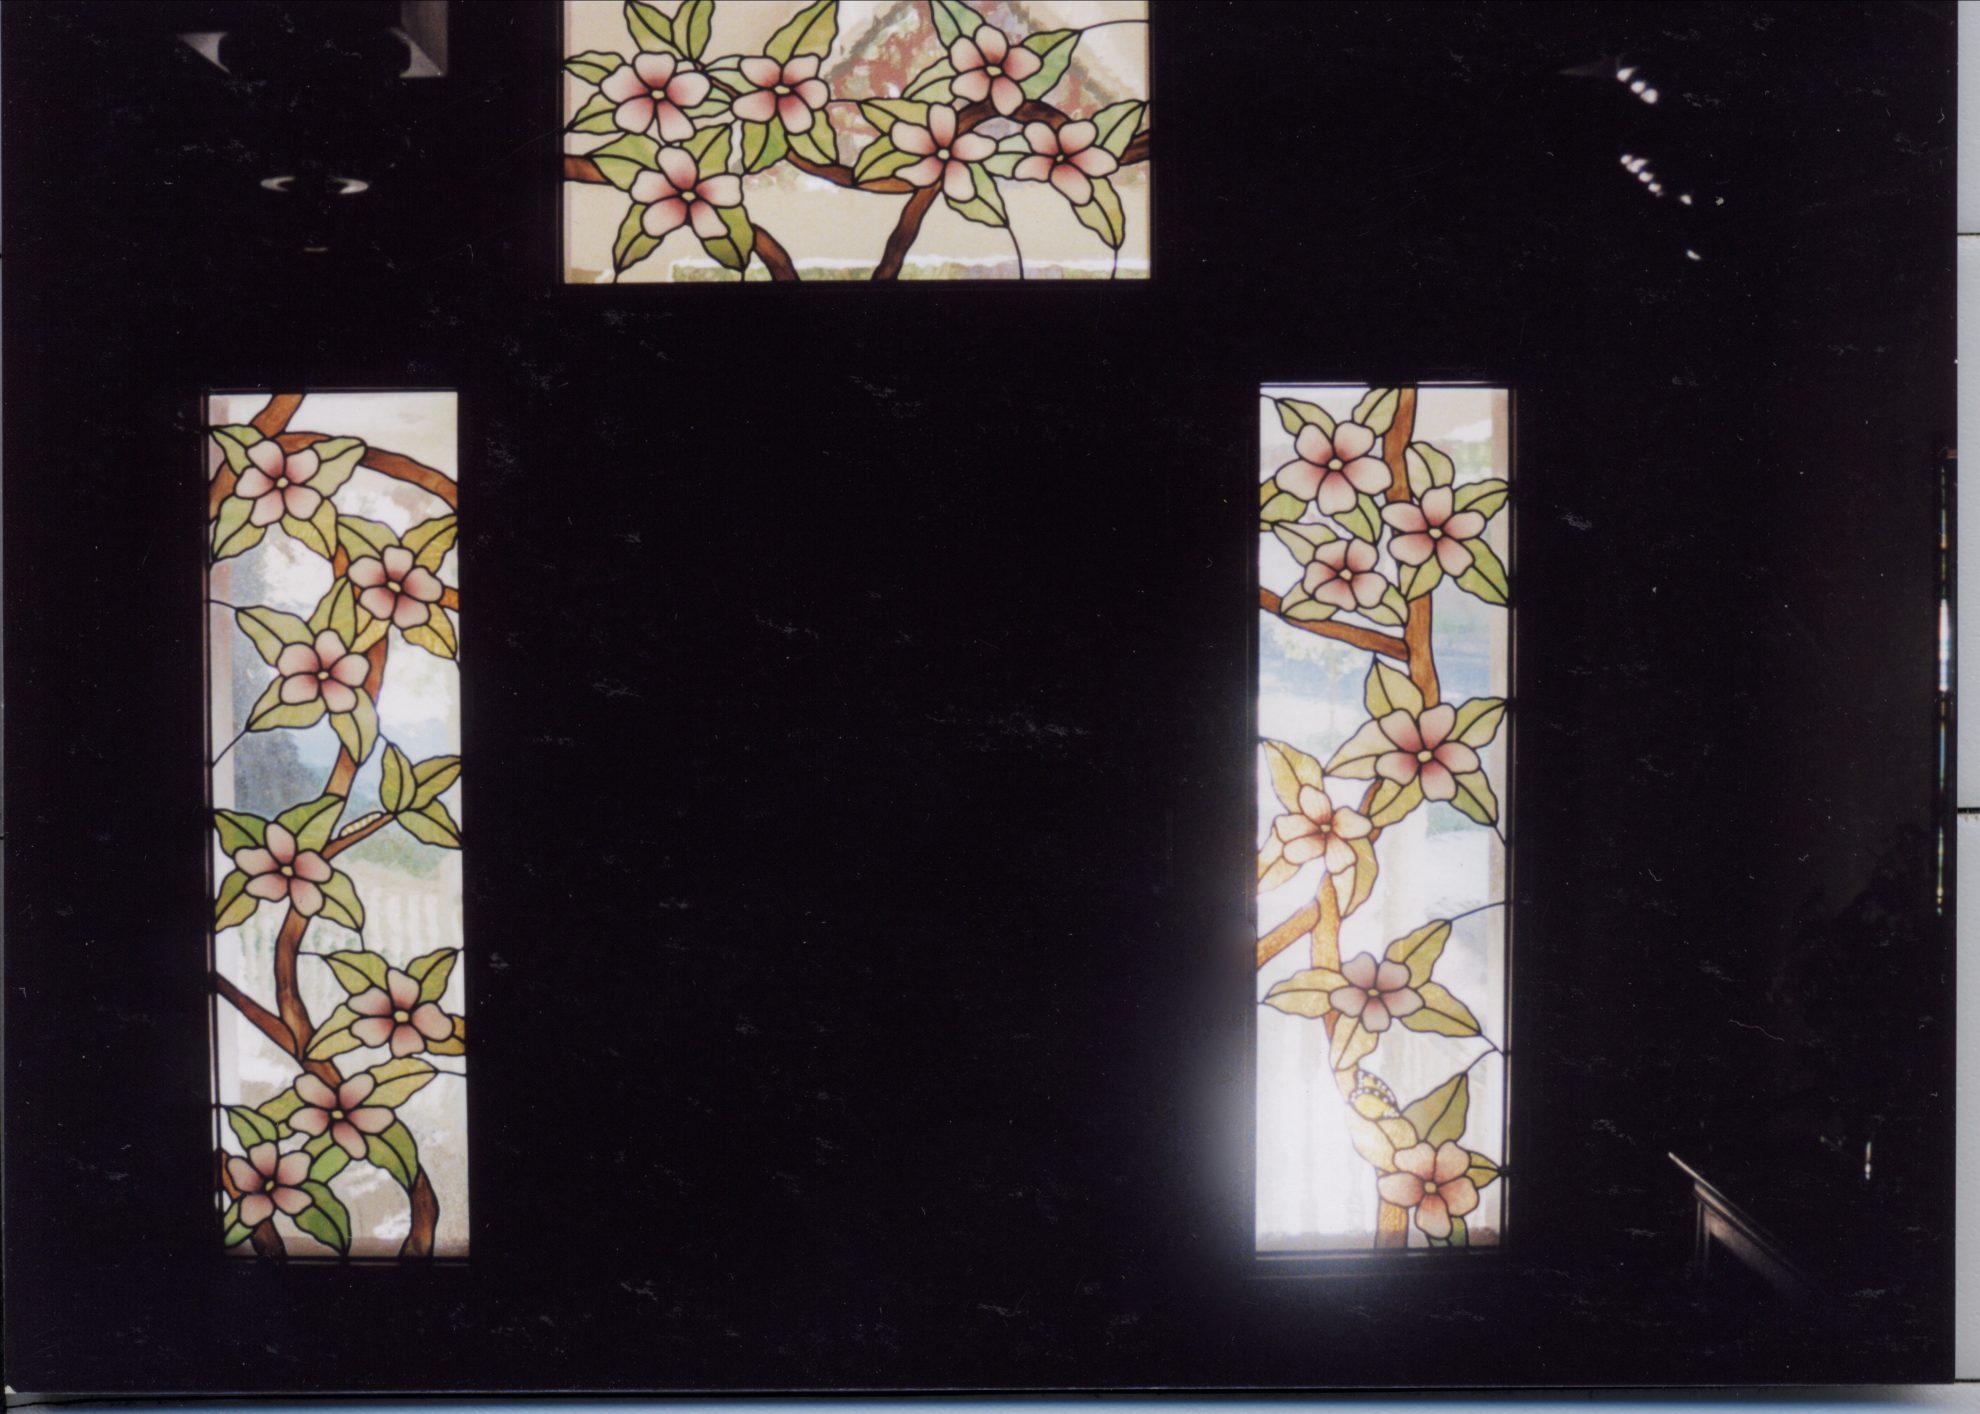 7.fused.magnolia